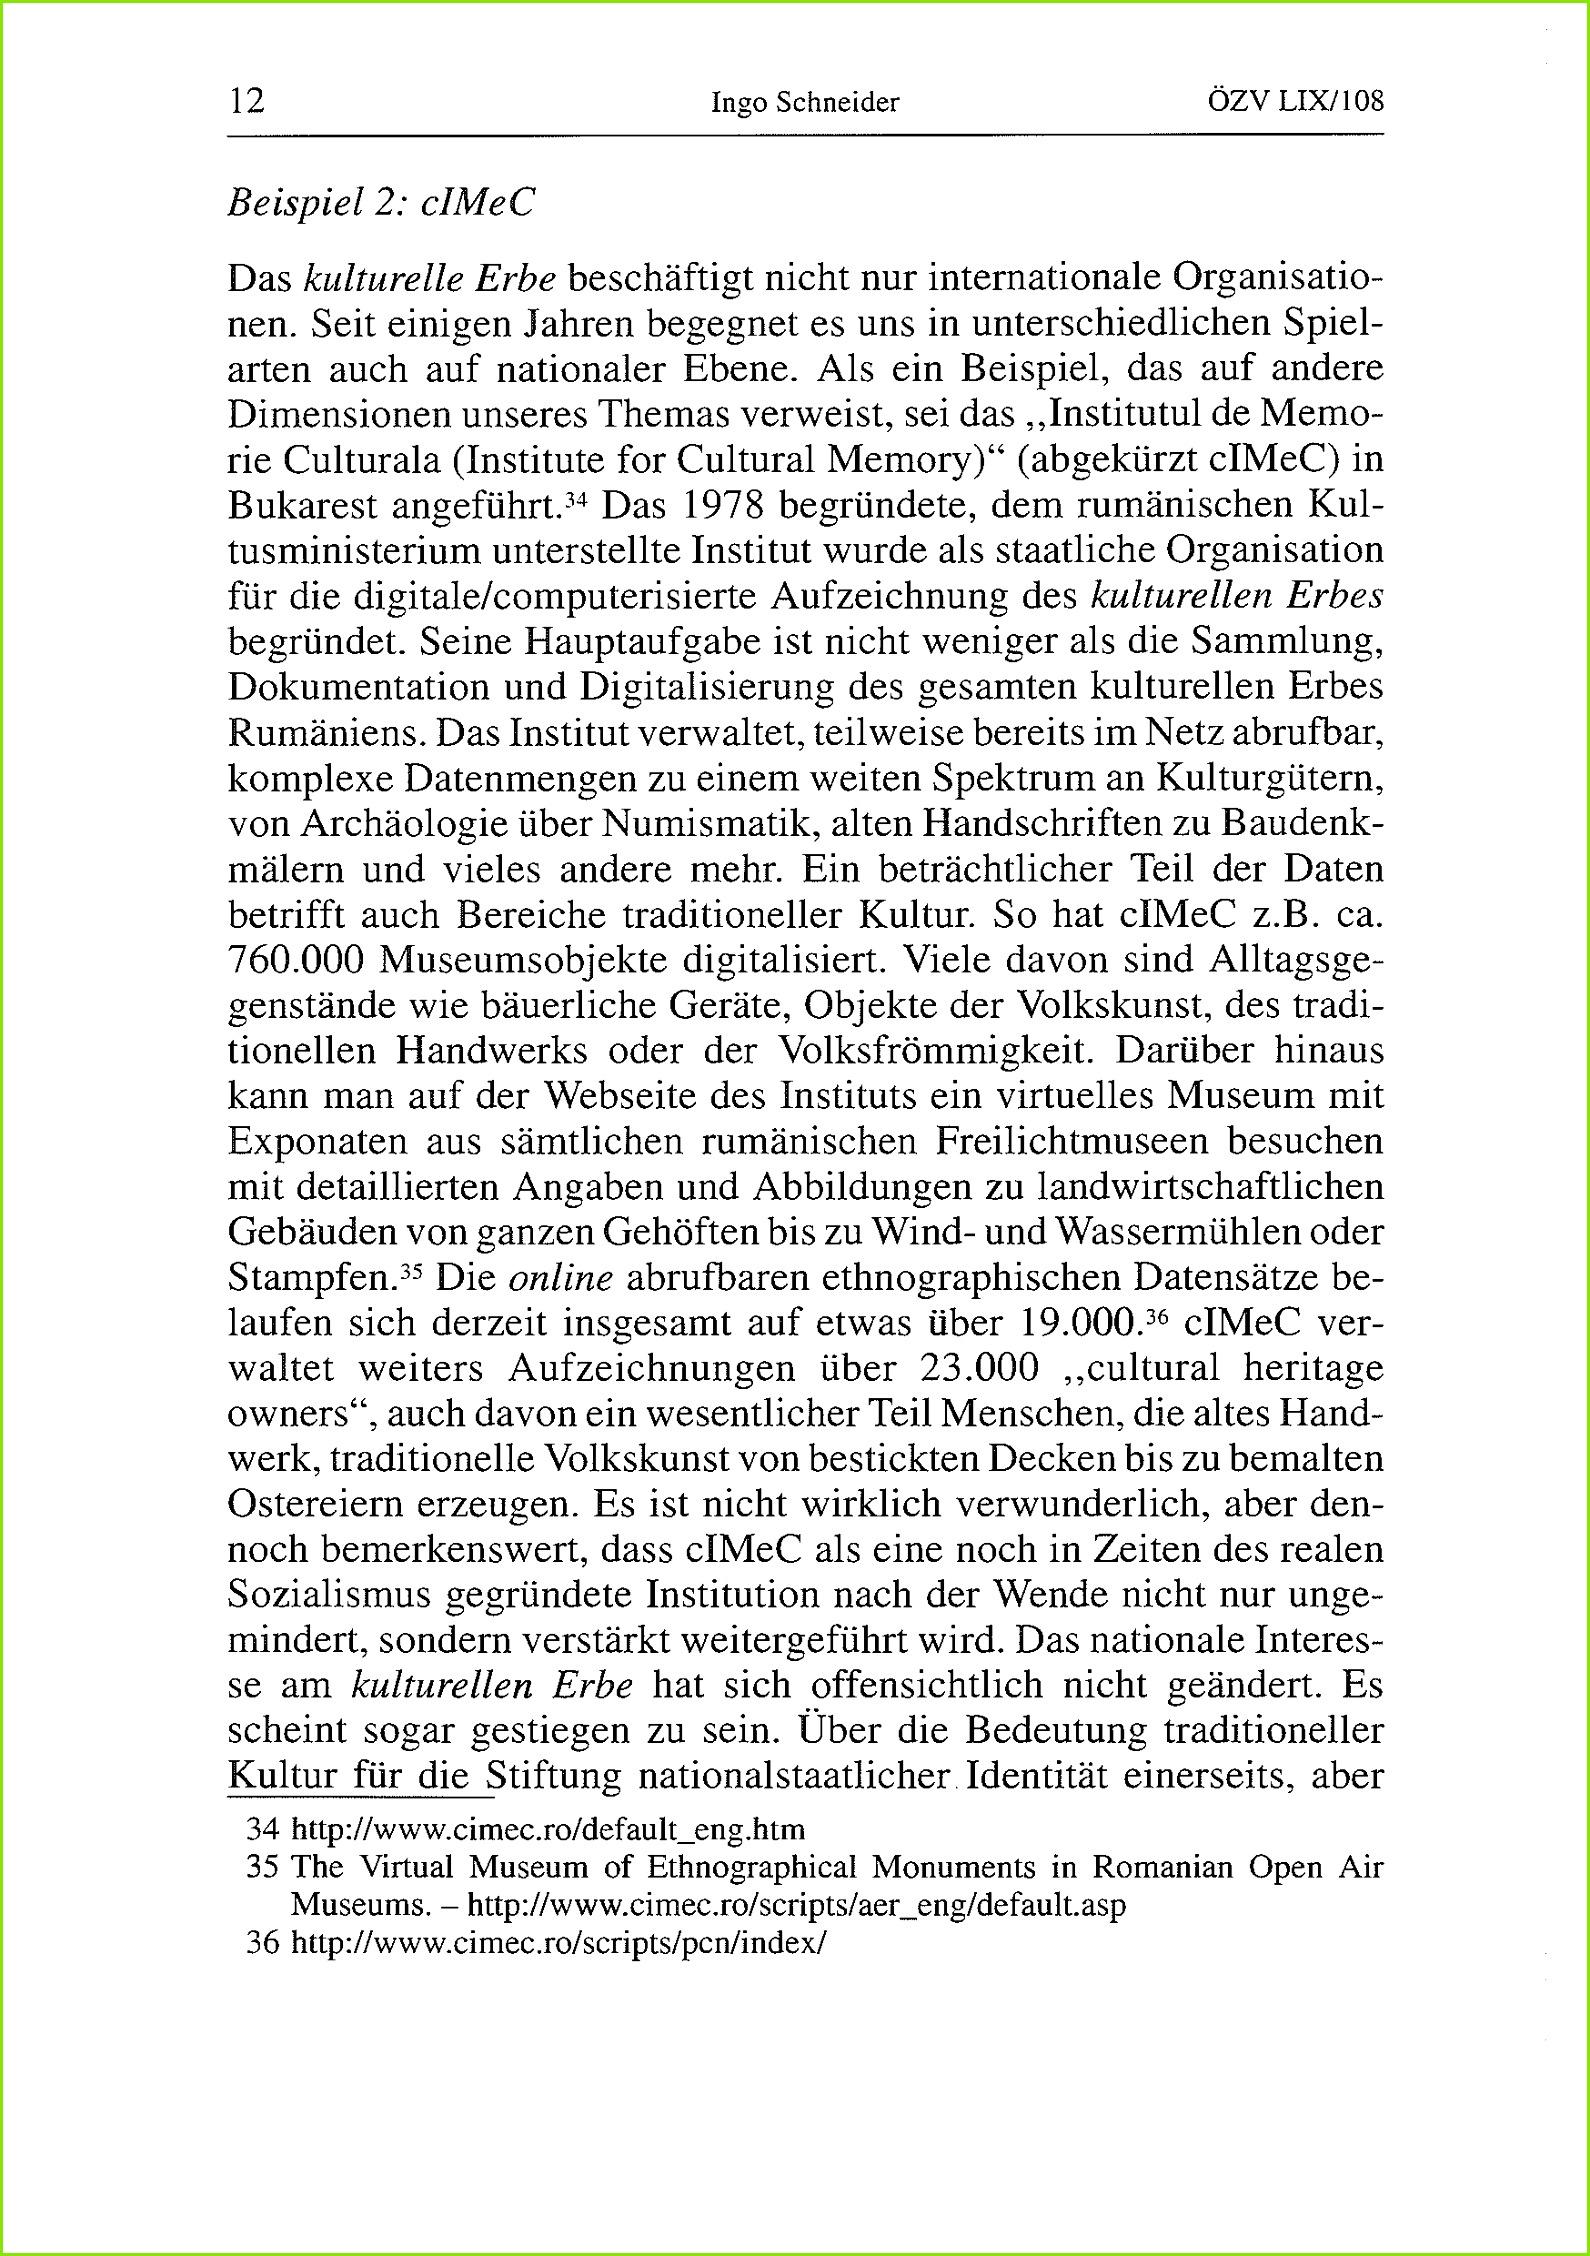 12 Ingo Schneider –ZVLIX 108 Beispiel 2 cimec Das kulturelle Erbe beschäftigt nicht nur